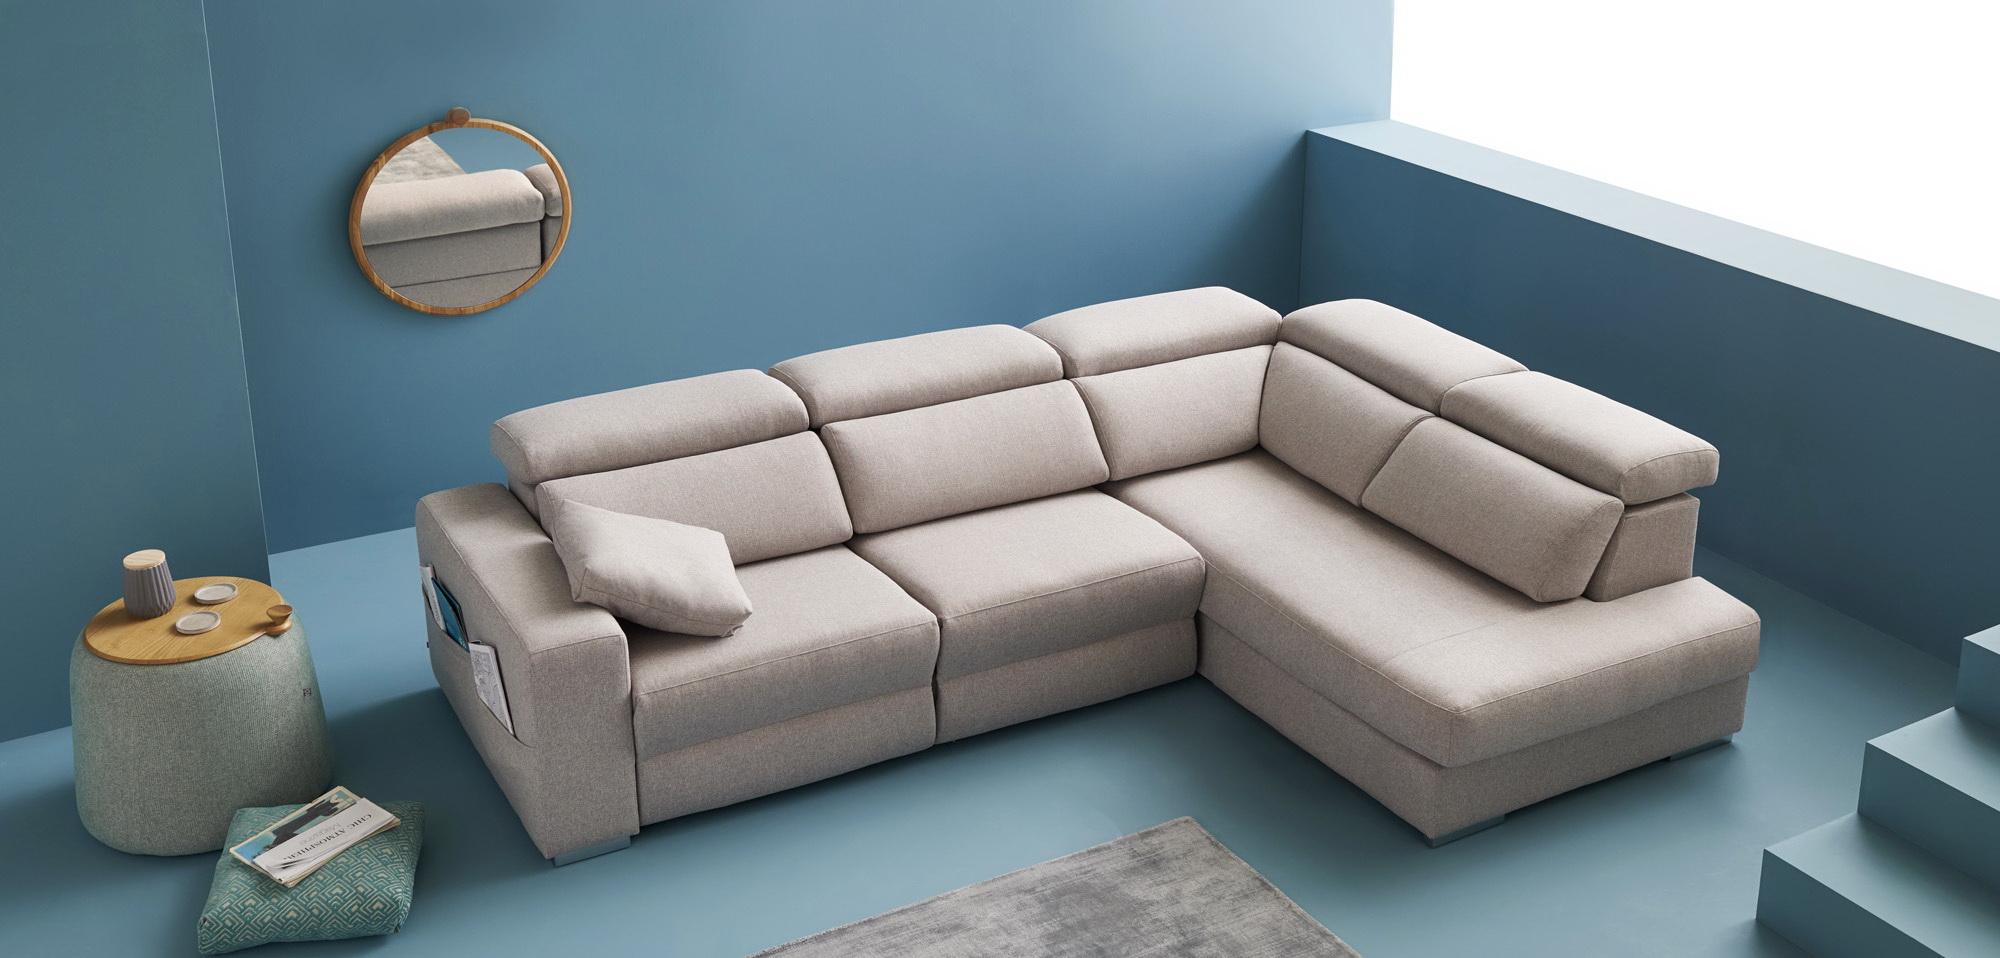 MUSTANG sofá modular asientos relax o fijos by Reyes Ordoñez SOFÁ RINCONERA 01.1 de venta en Muebles ANTOÑÁN León